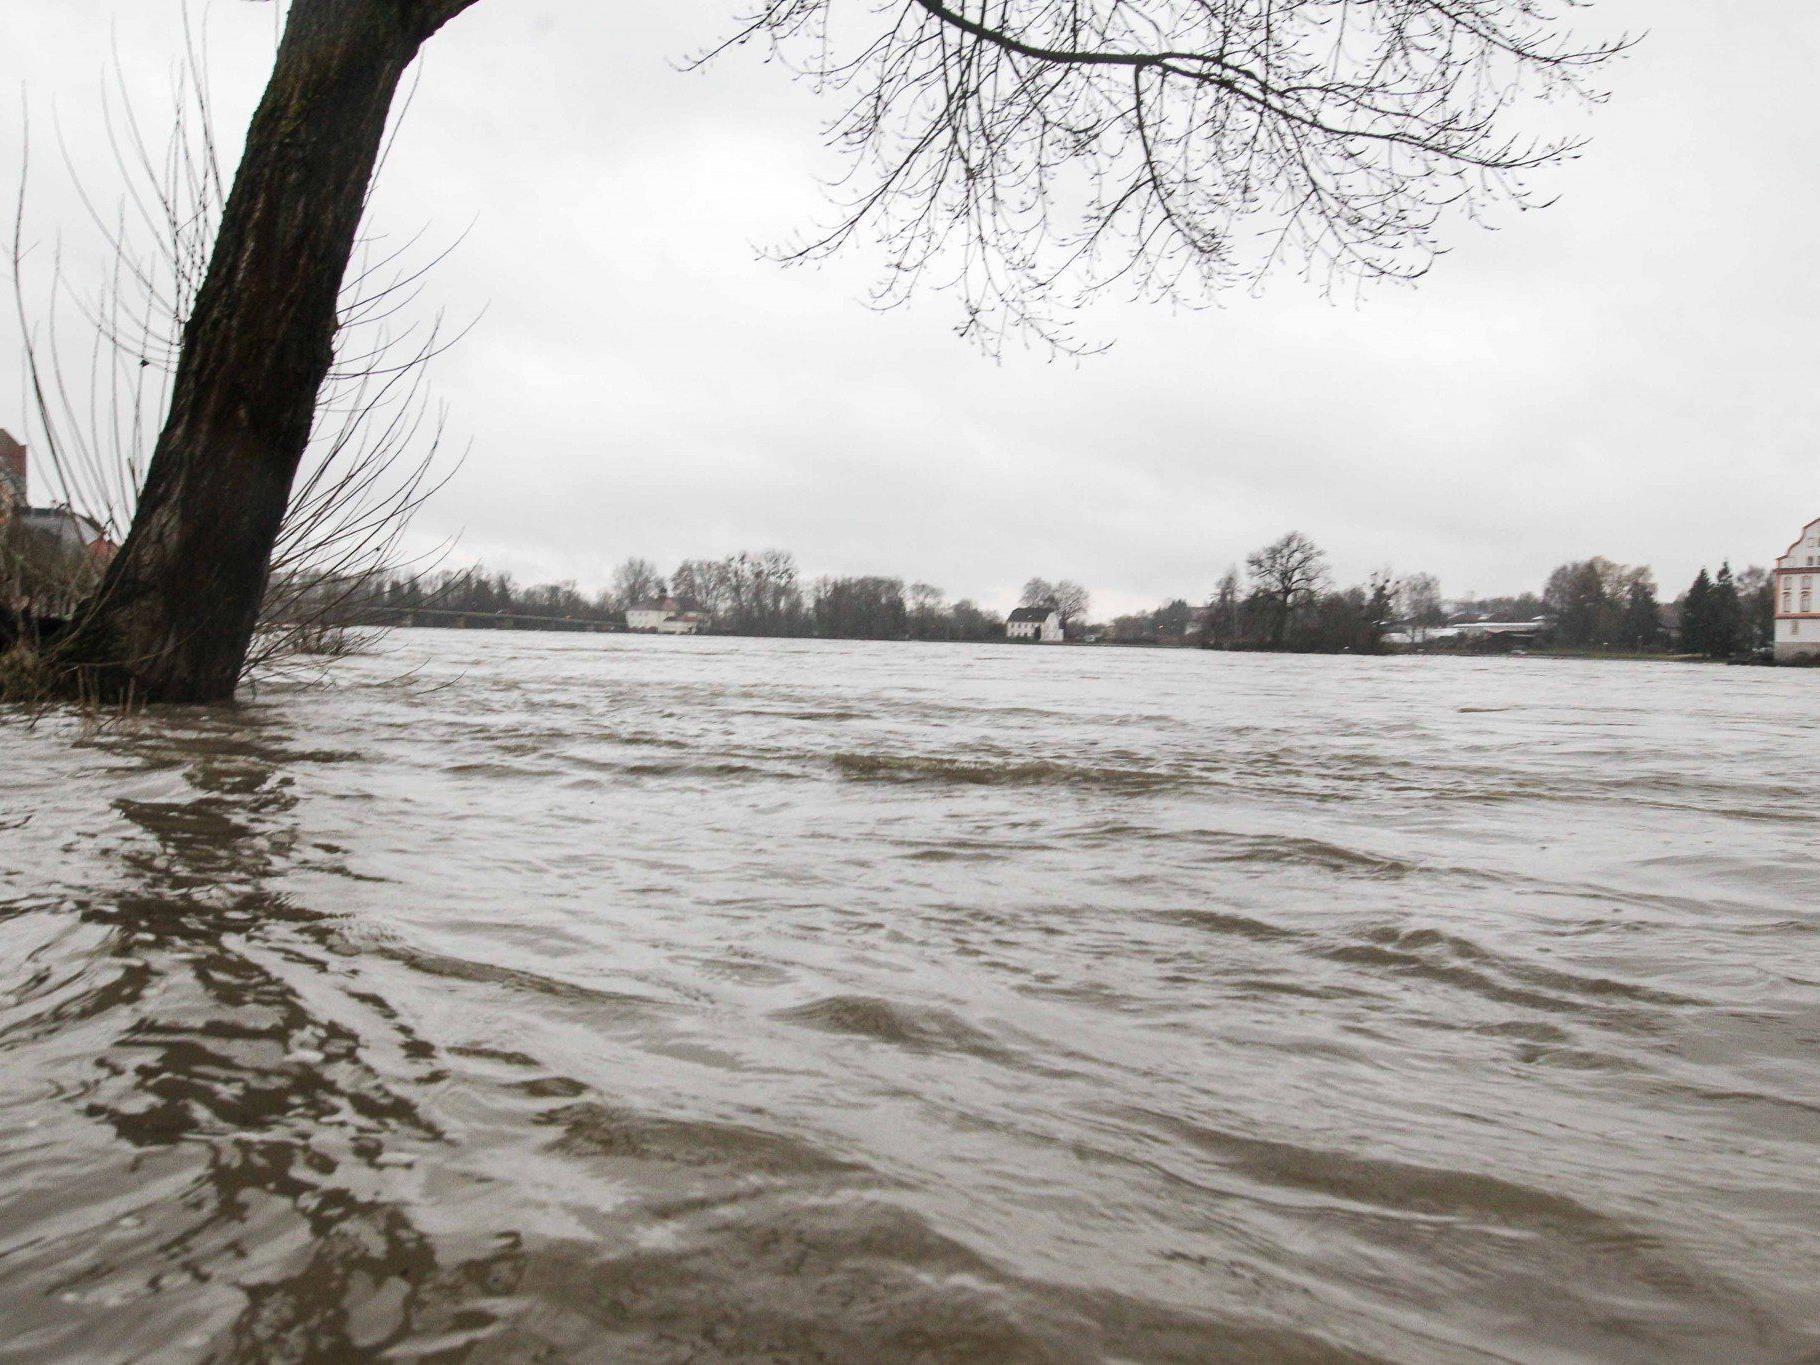 Wiesen und Straßen waren vielerorts überflutet. Im Bild: Eine überflutete Wiese in Schärding (OÖ).